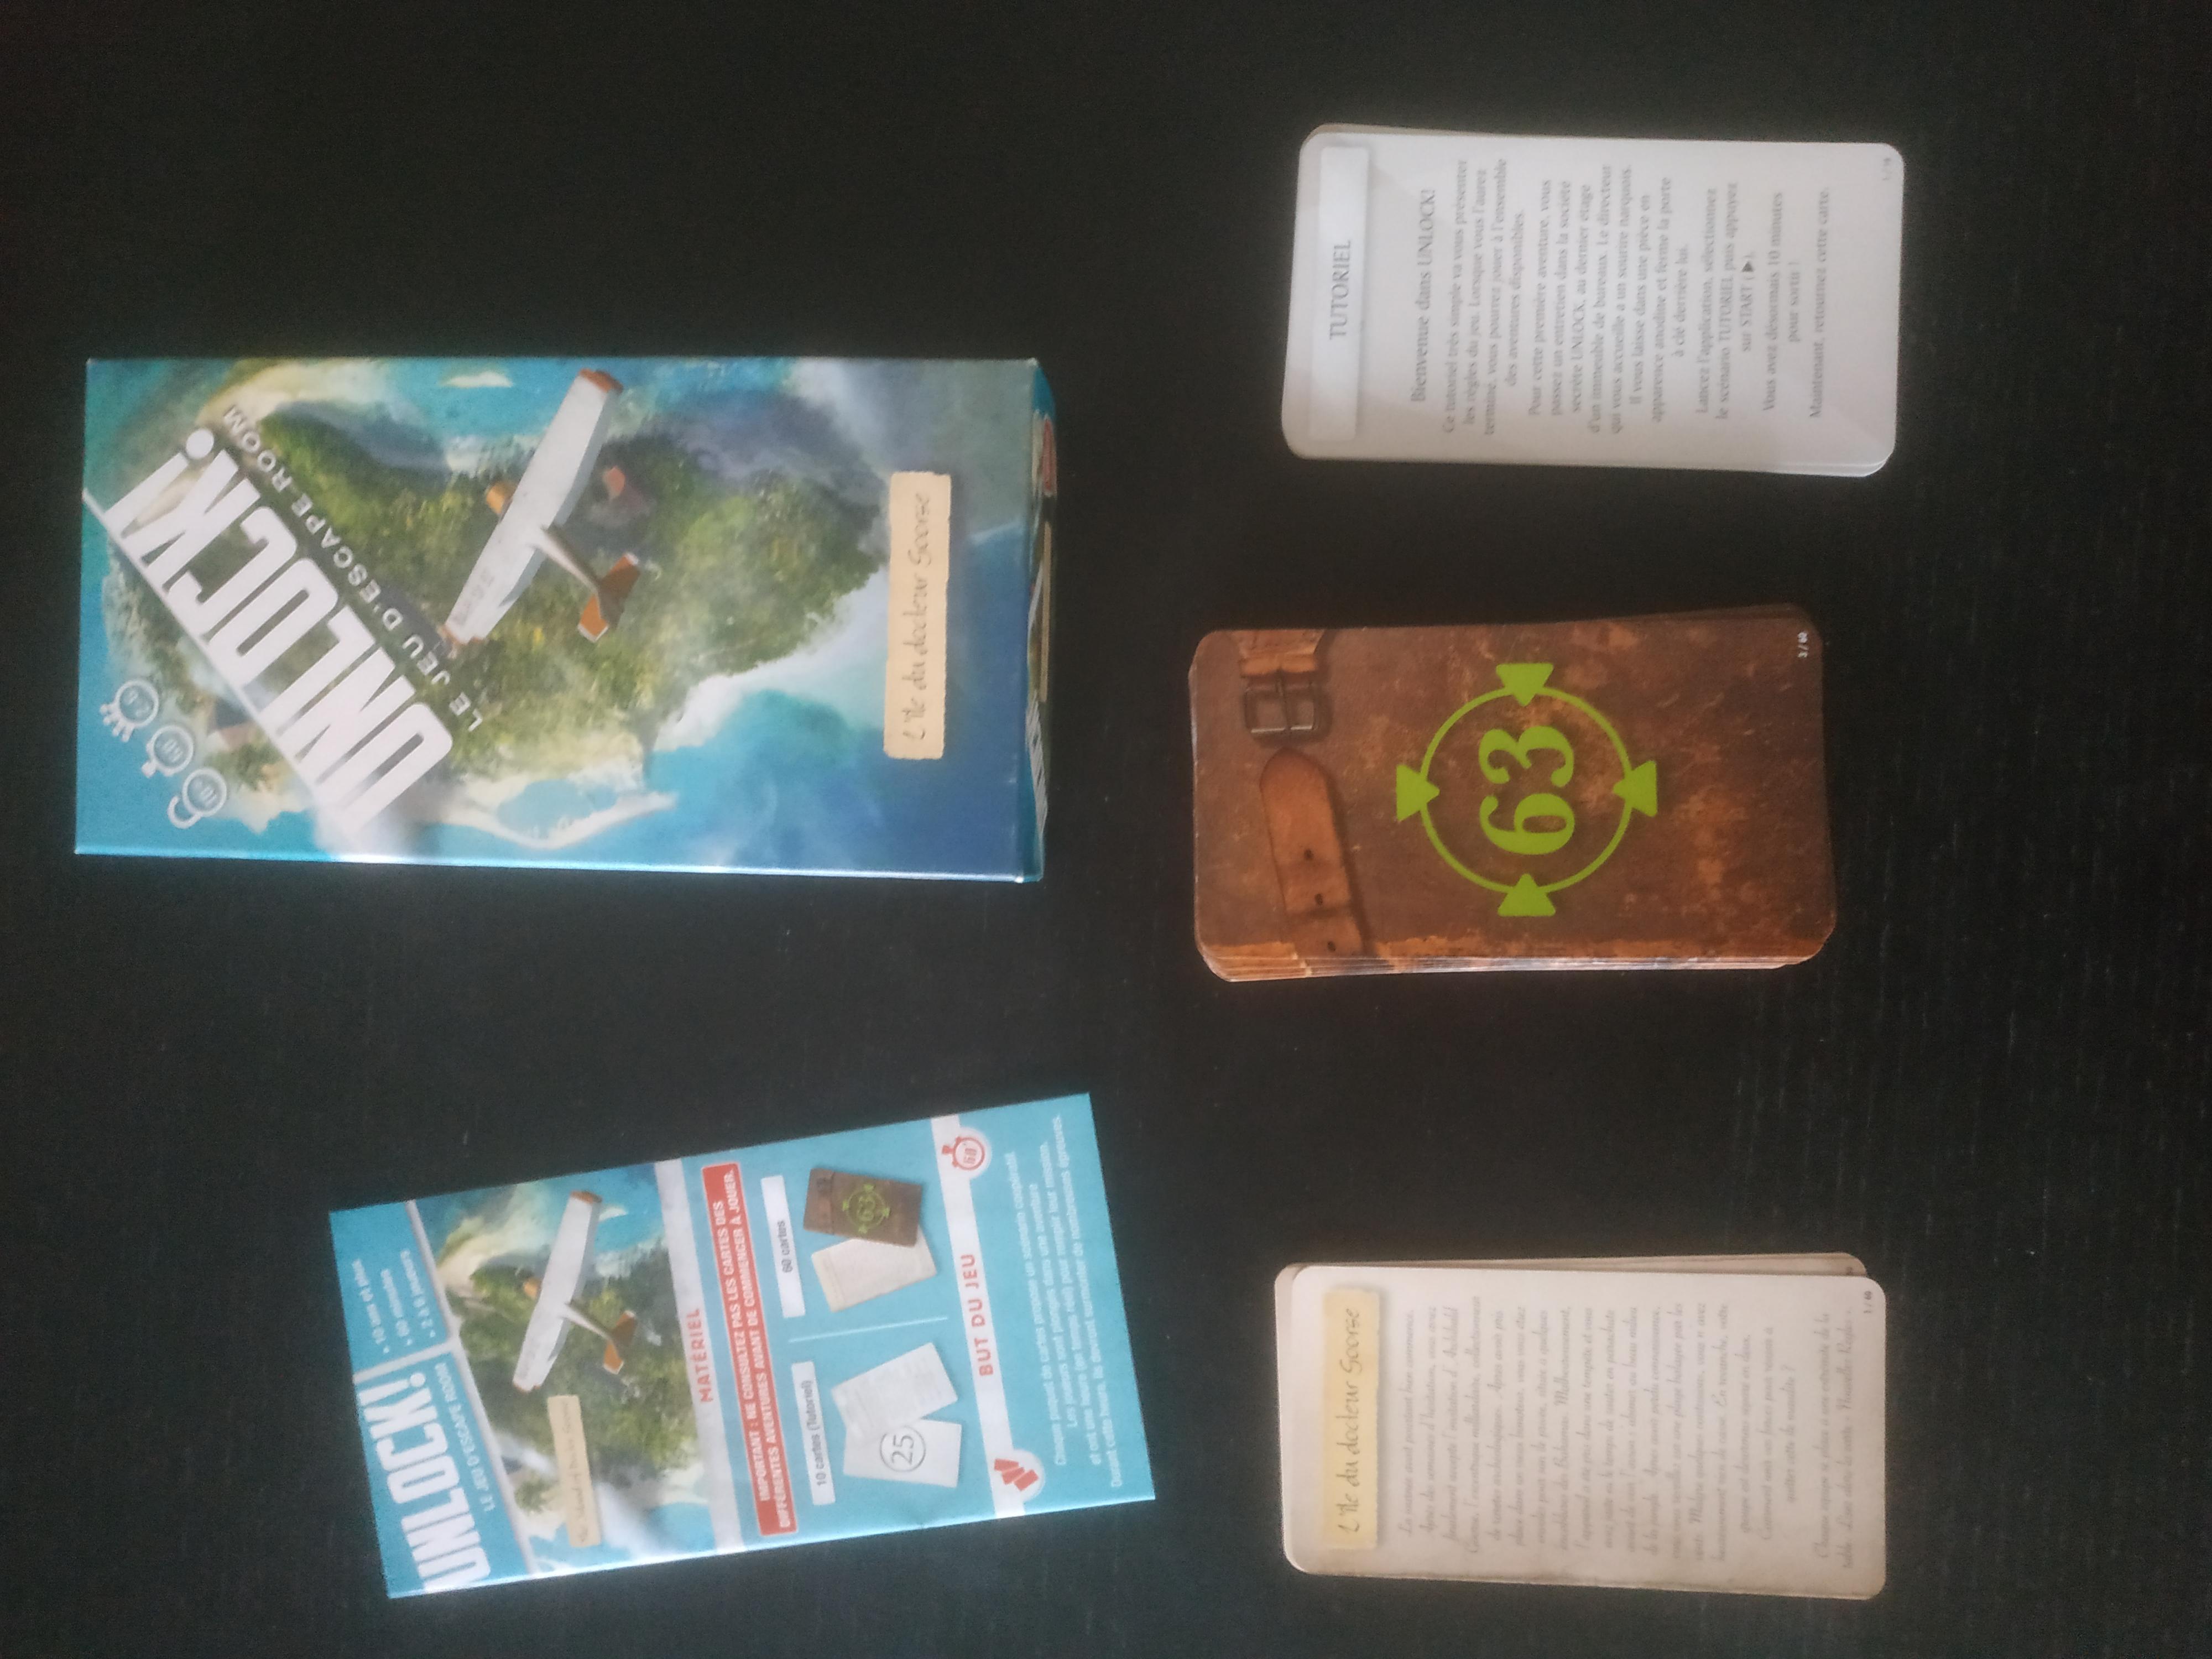 meilleur-jeu-societe-escape-game-room-box-abonnement-unlock-ile-docteur-goorse